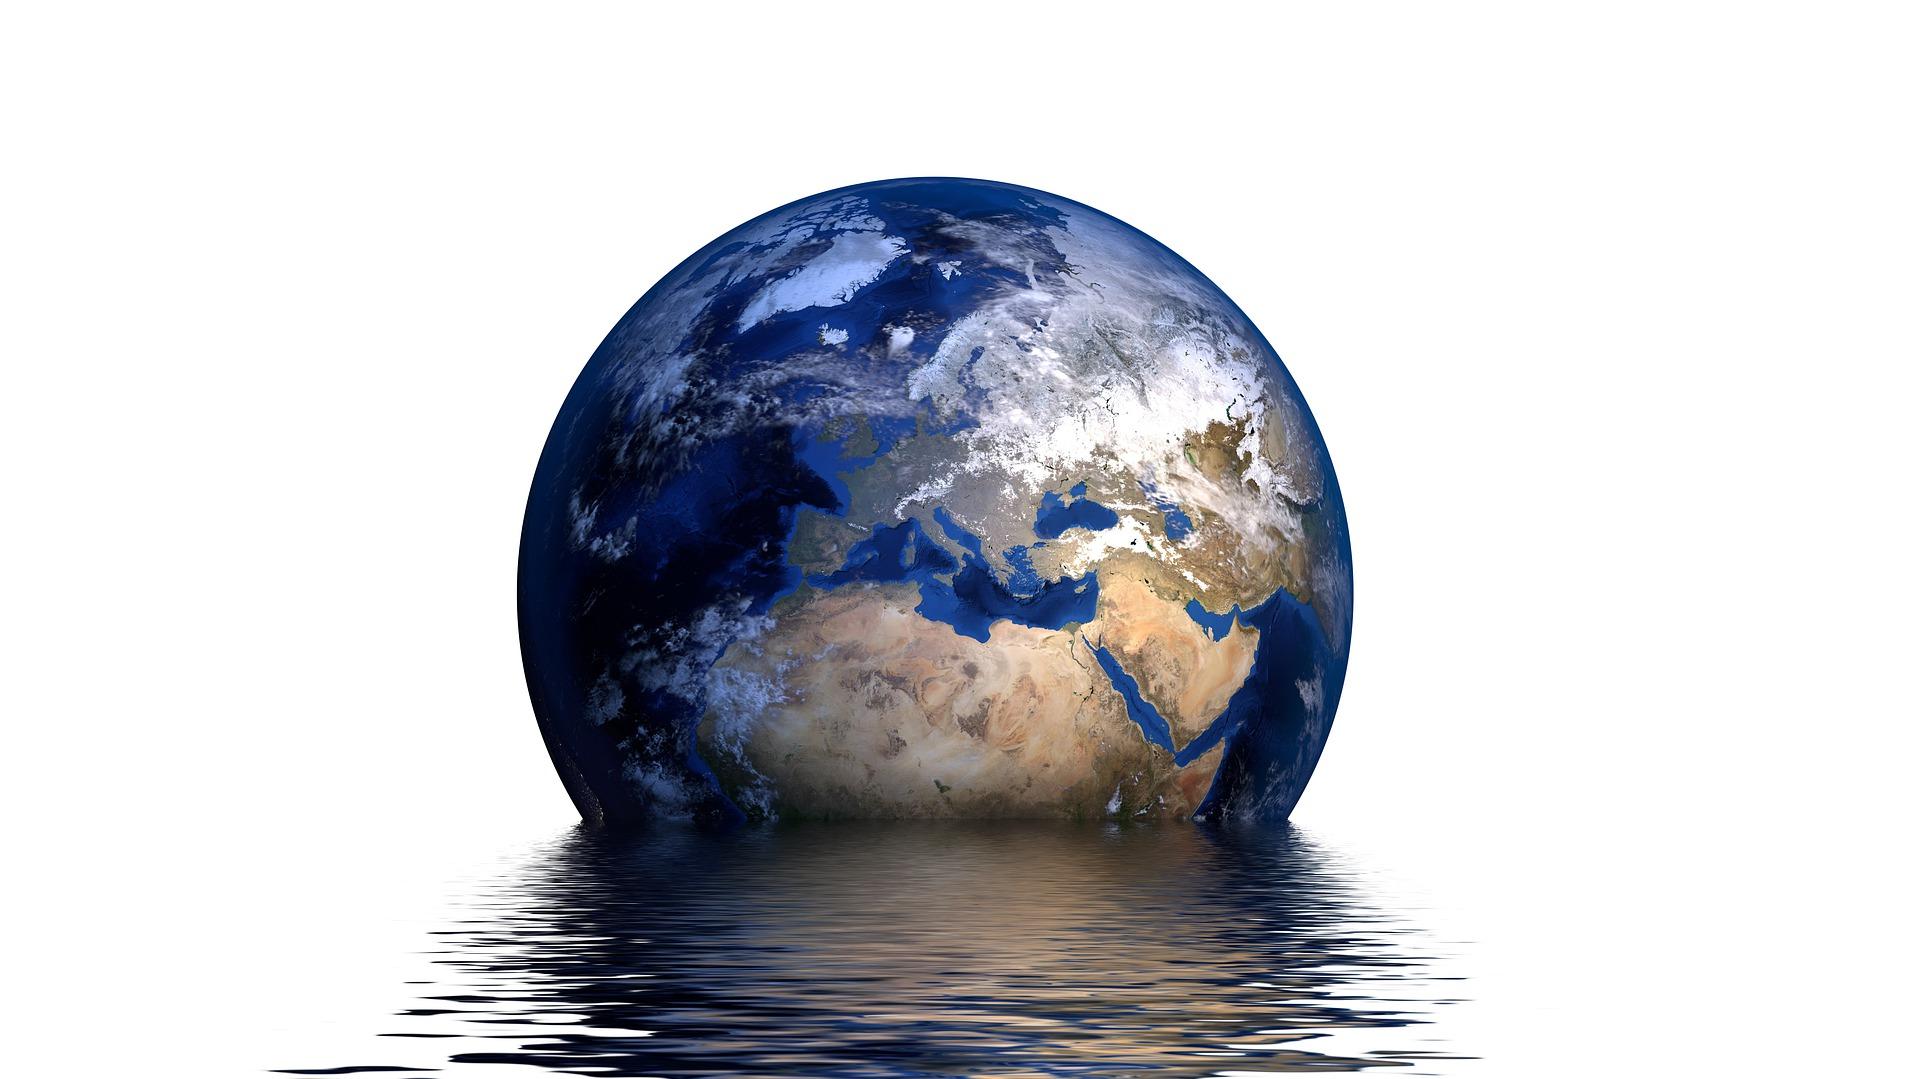 lutte contre rechauffement climatique tous pays - L'Energeek.jpg